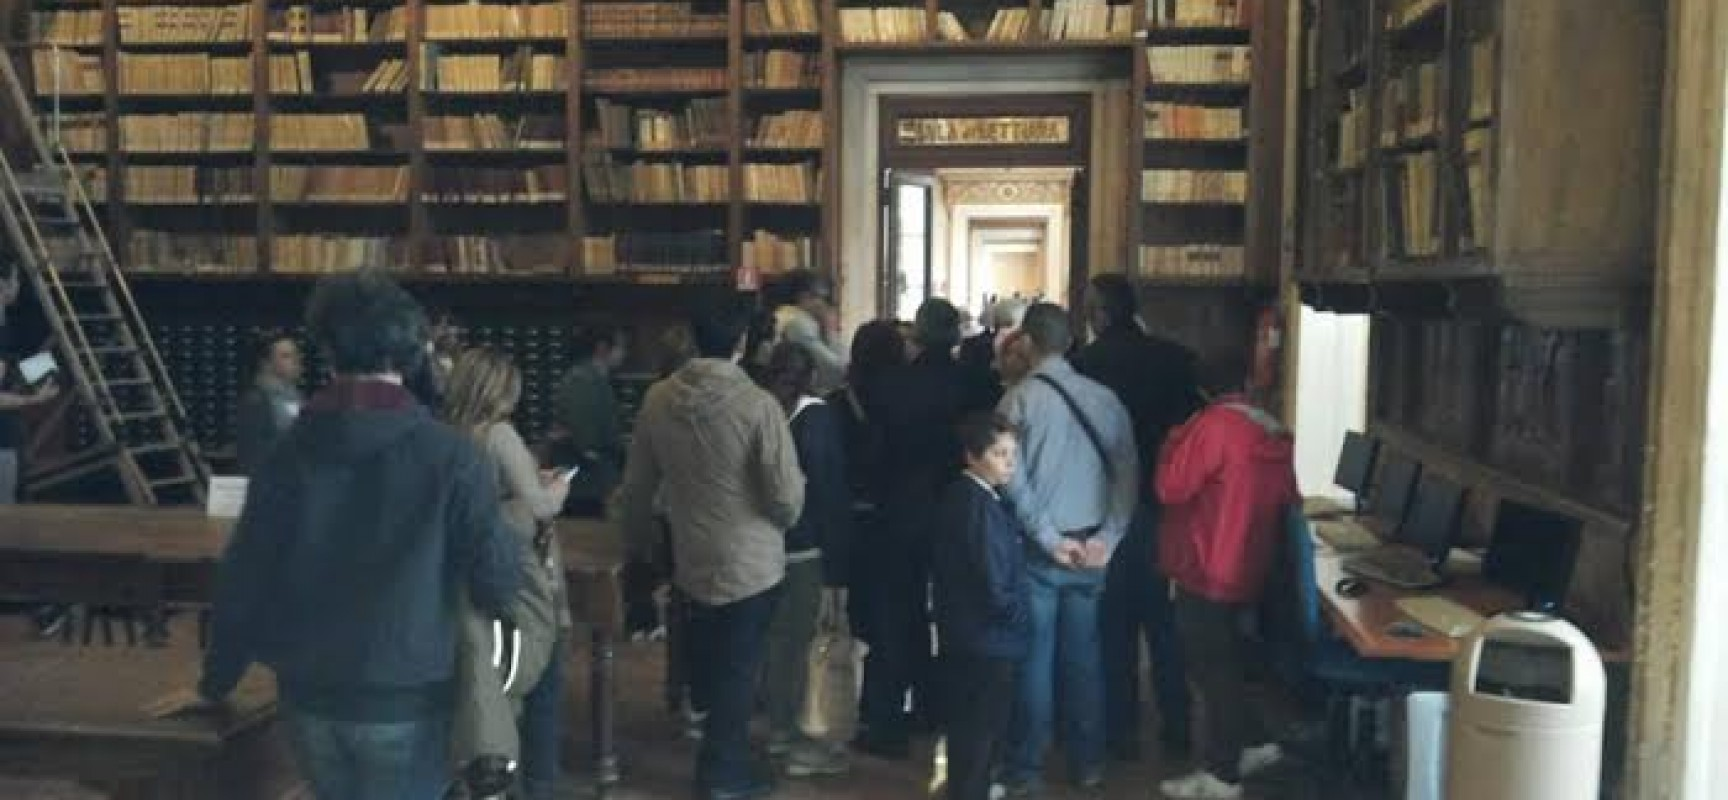 Biblioteca Nazionale e Archivio di Stato insieme per 150 anni Comunità Ebraica Napoli